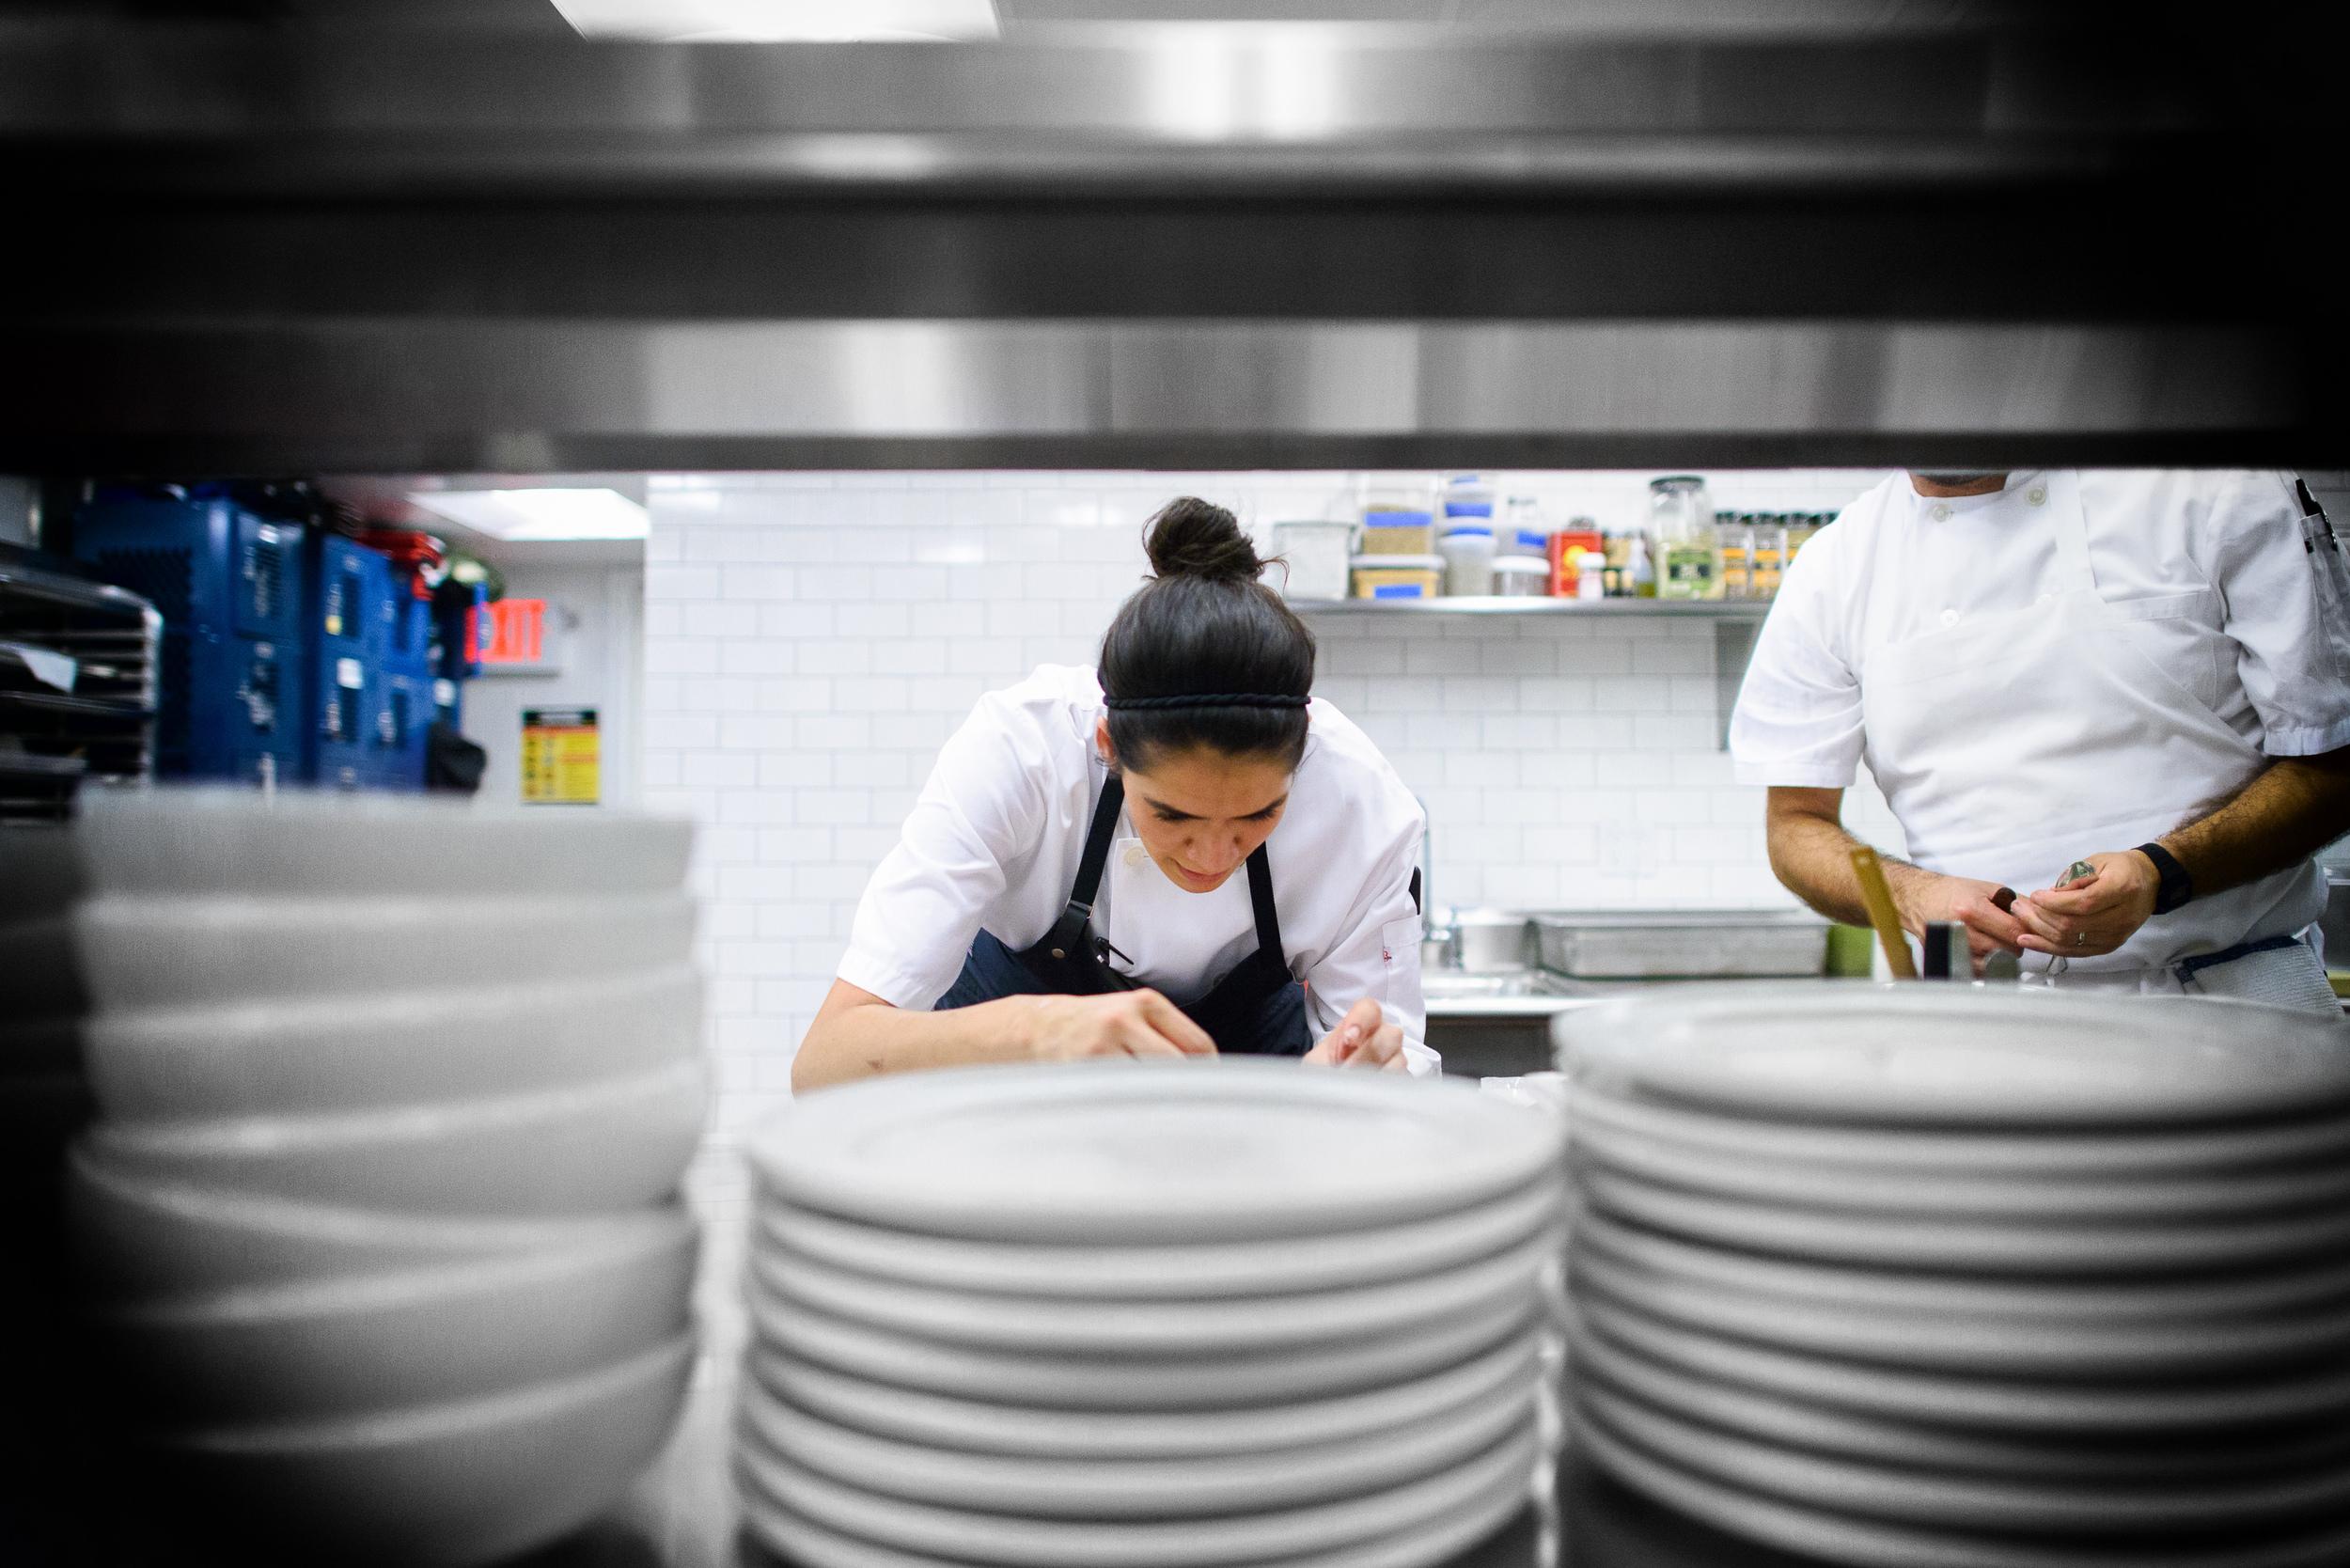 Chef Daniela Soto-Innes